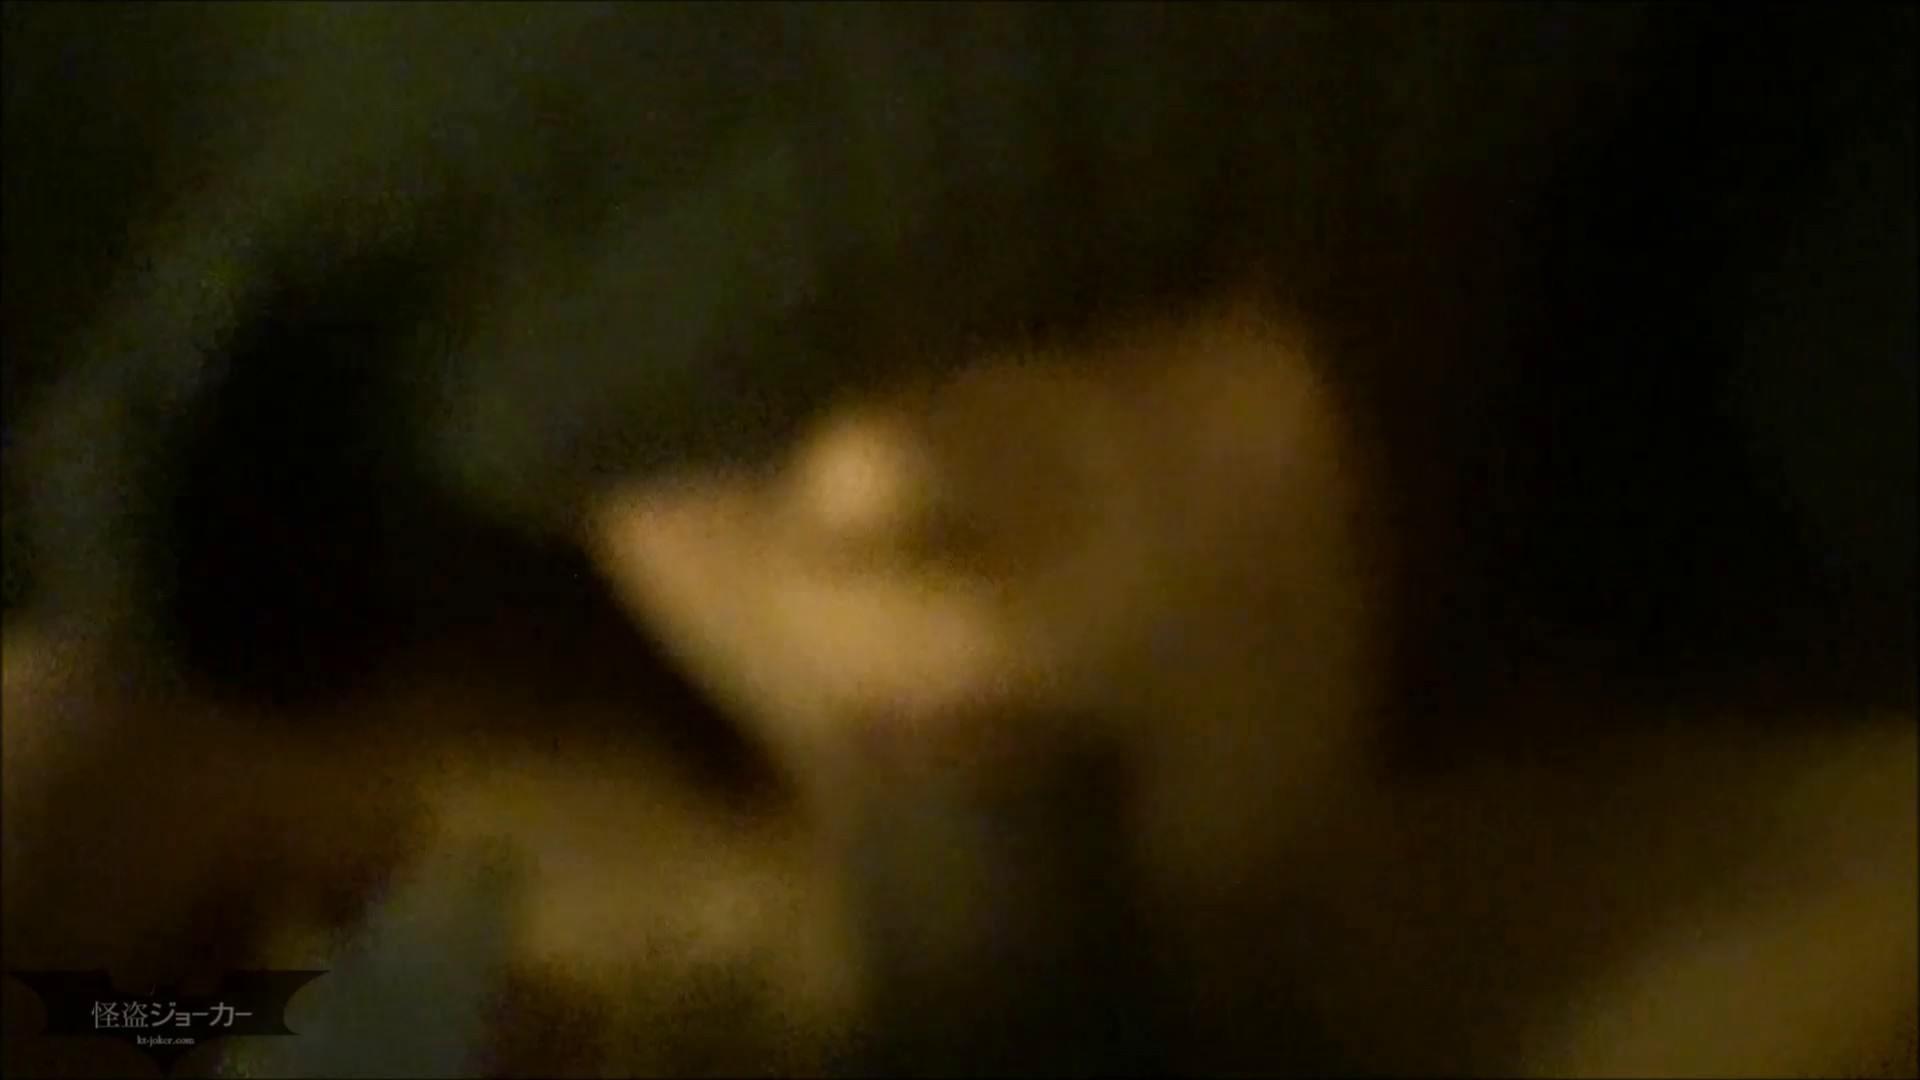 【未公開】vol.104  {黒髪→茶髪ボブに変身}美巨乳アミちゃん④【後編】 桃色乳首 AV無料 72画像 52